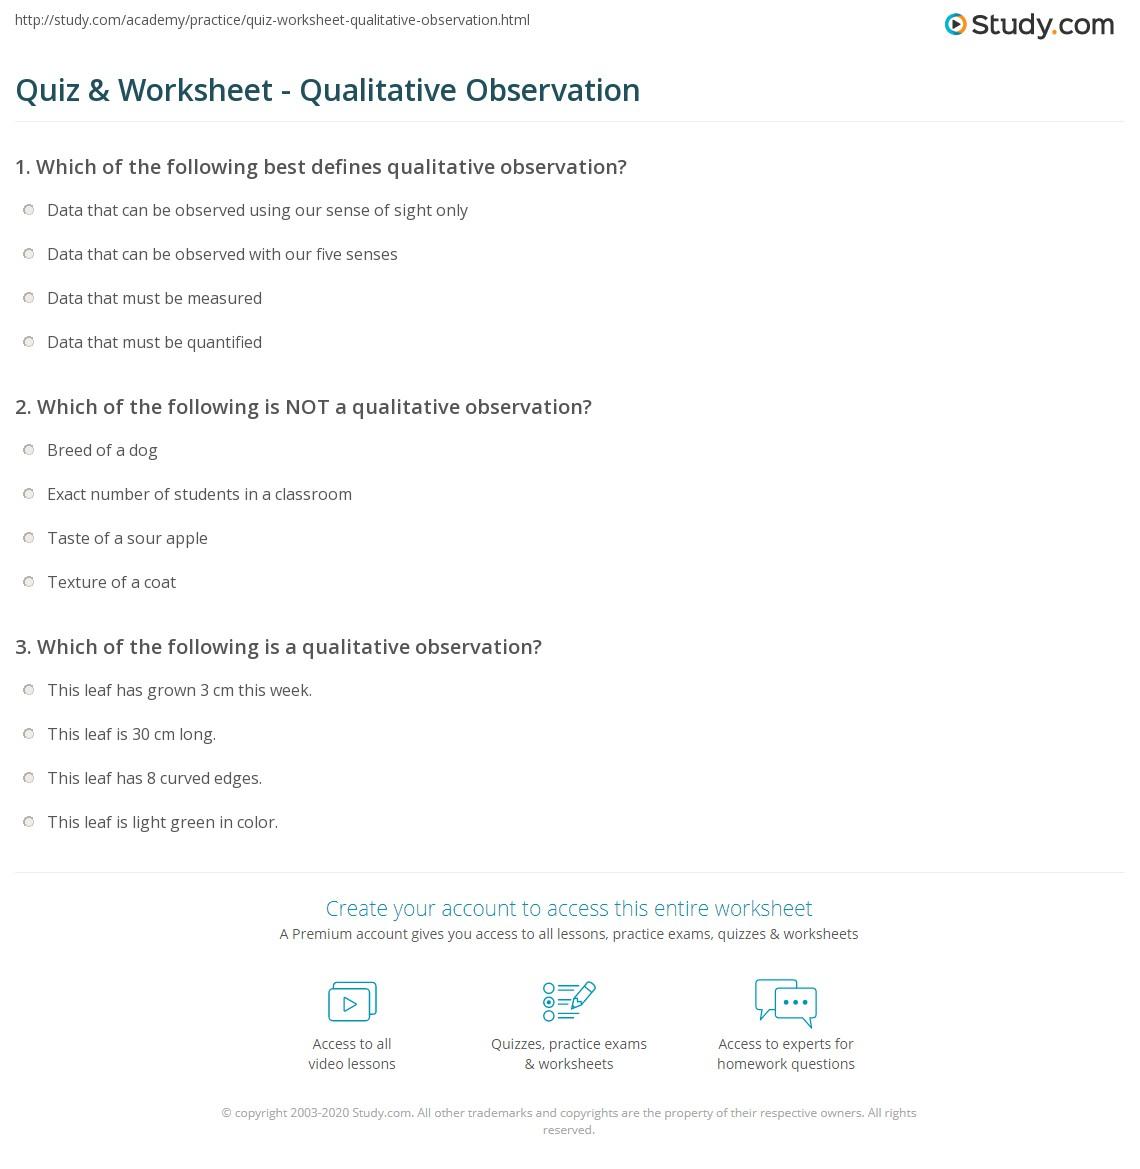 worksheet Observation Worksheet quiz worksheet qualitative observation study com print what is definition example worksheet